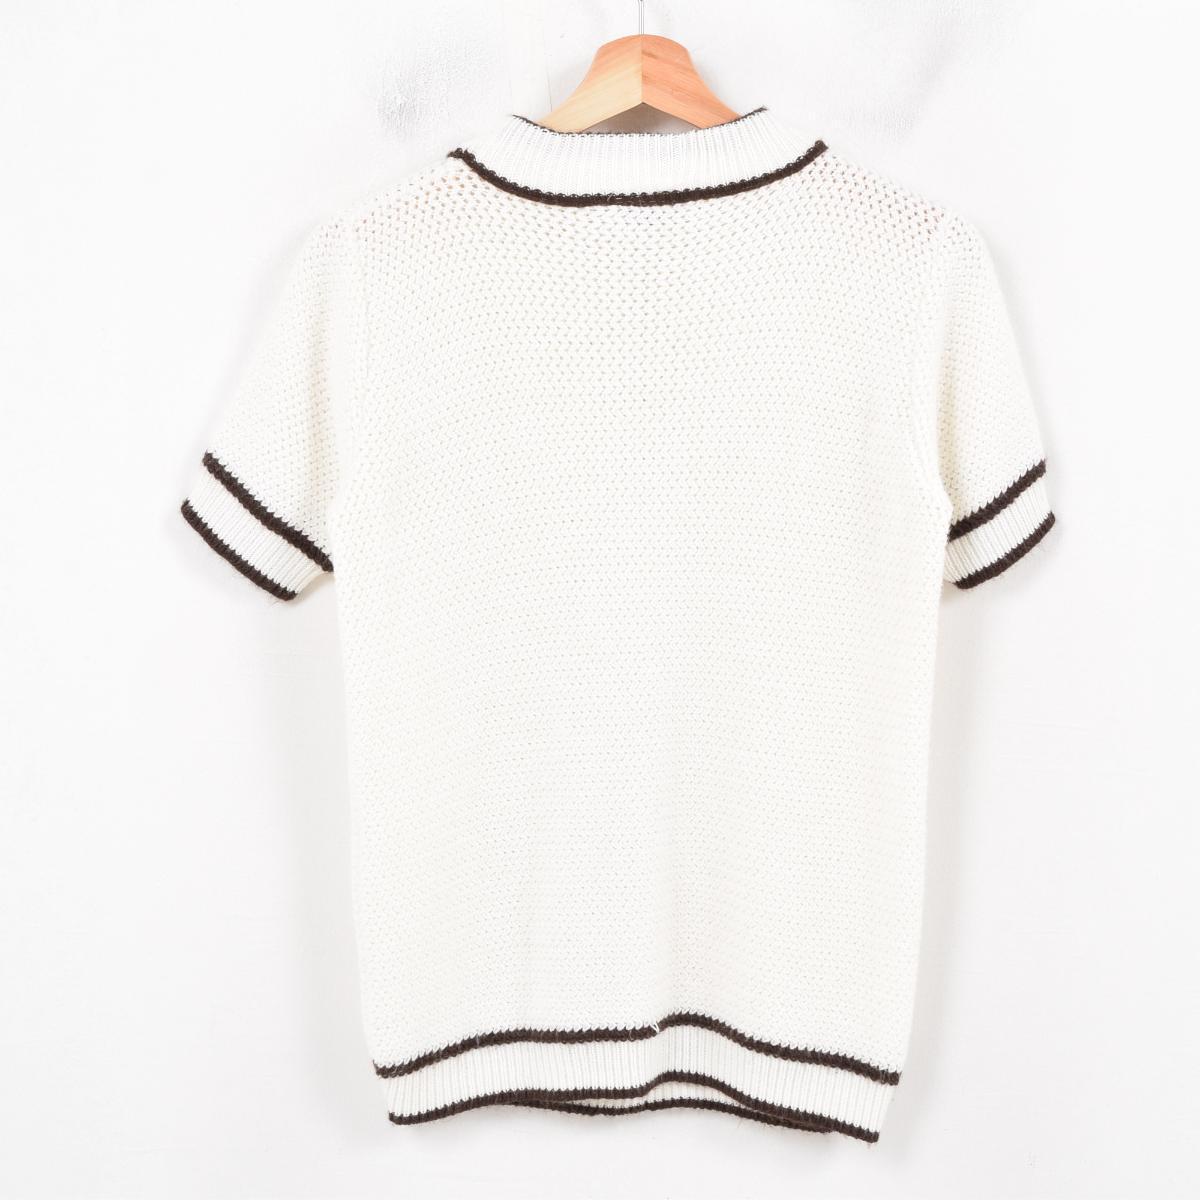 Vintage Clothing Jam Turbo Short Sleeved Acrylic Knit